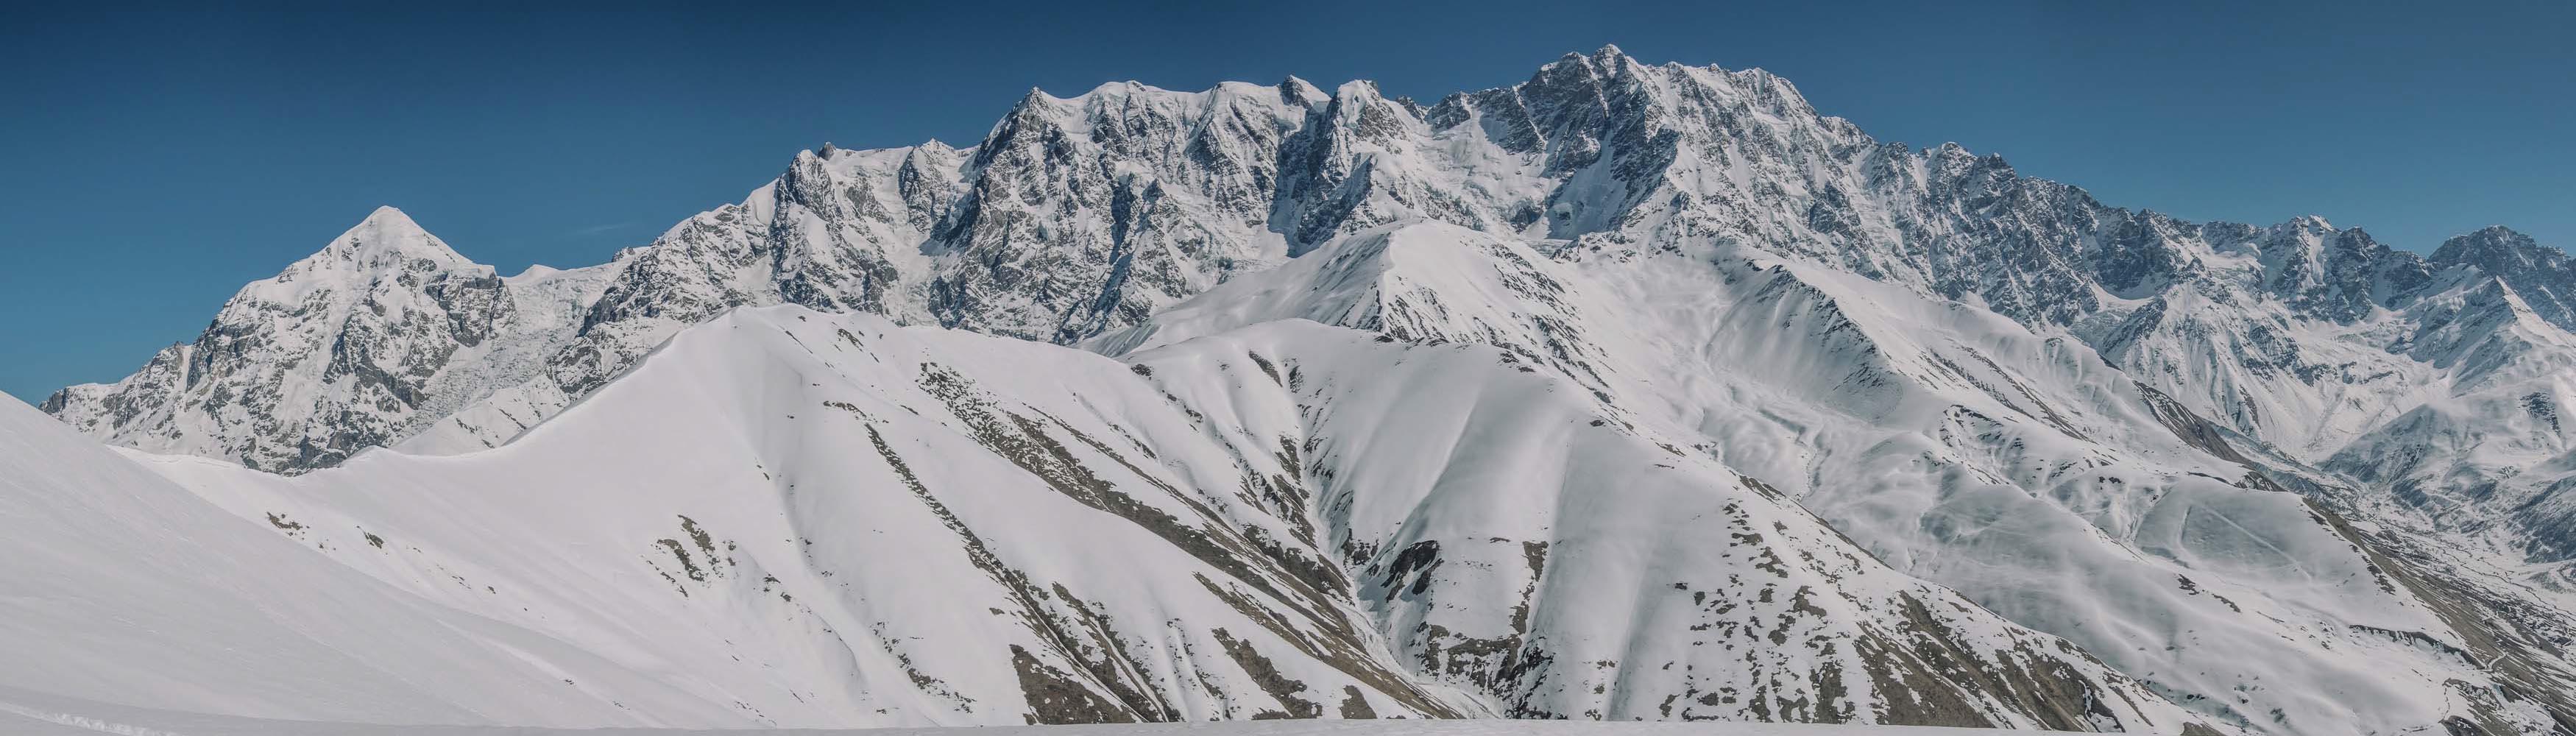 Skireise Kaukasus